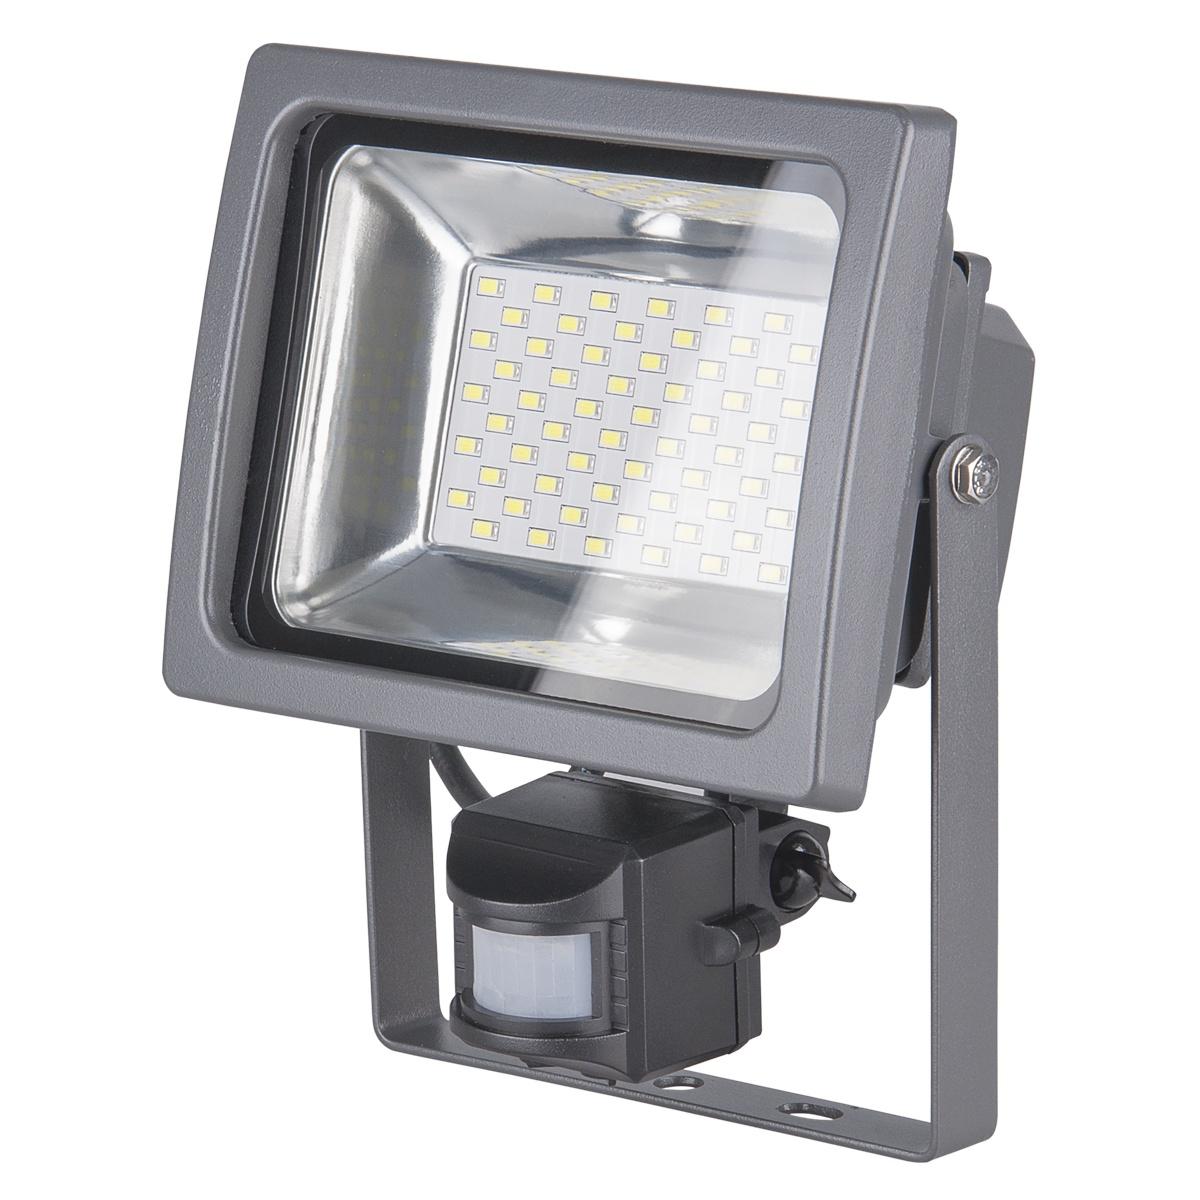 Прожектор Elektrostandard светодиодный с датчиком движения 003 FL LED 30W, 6500, 30 Вт elektrostandart прожектор прожектор с датчиком 003 fl led 30w 6500k ip44